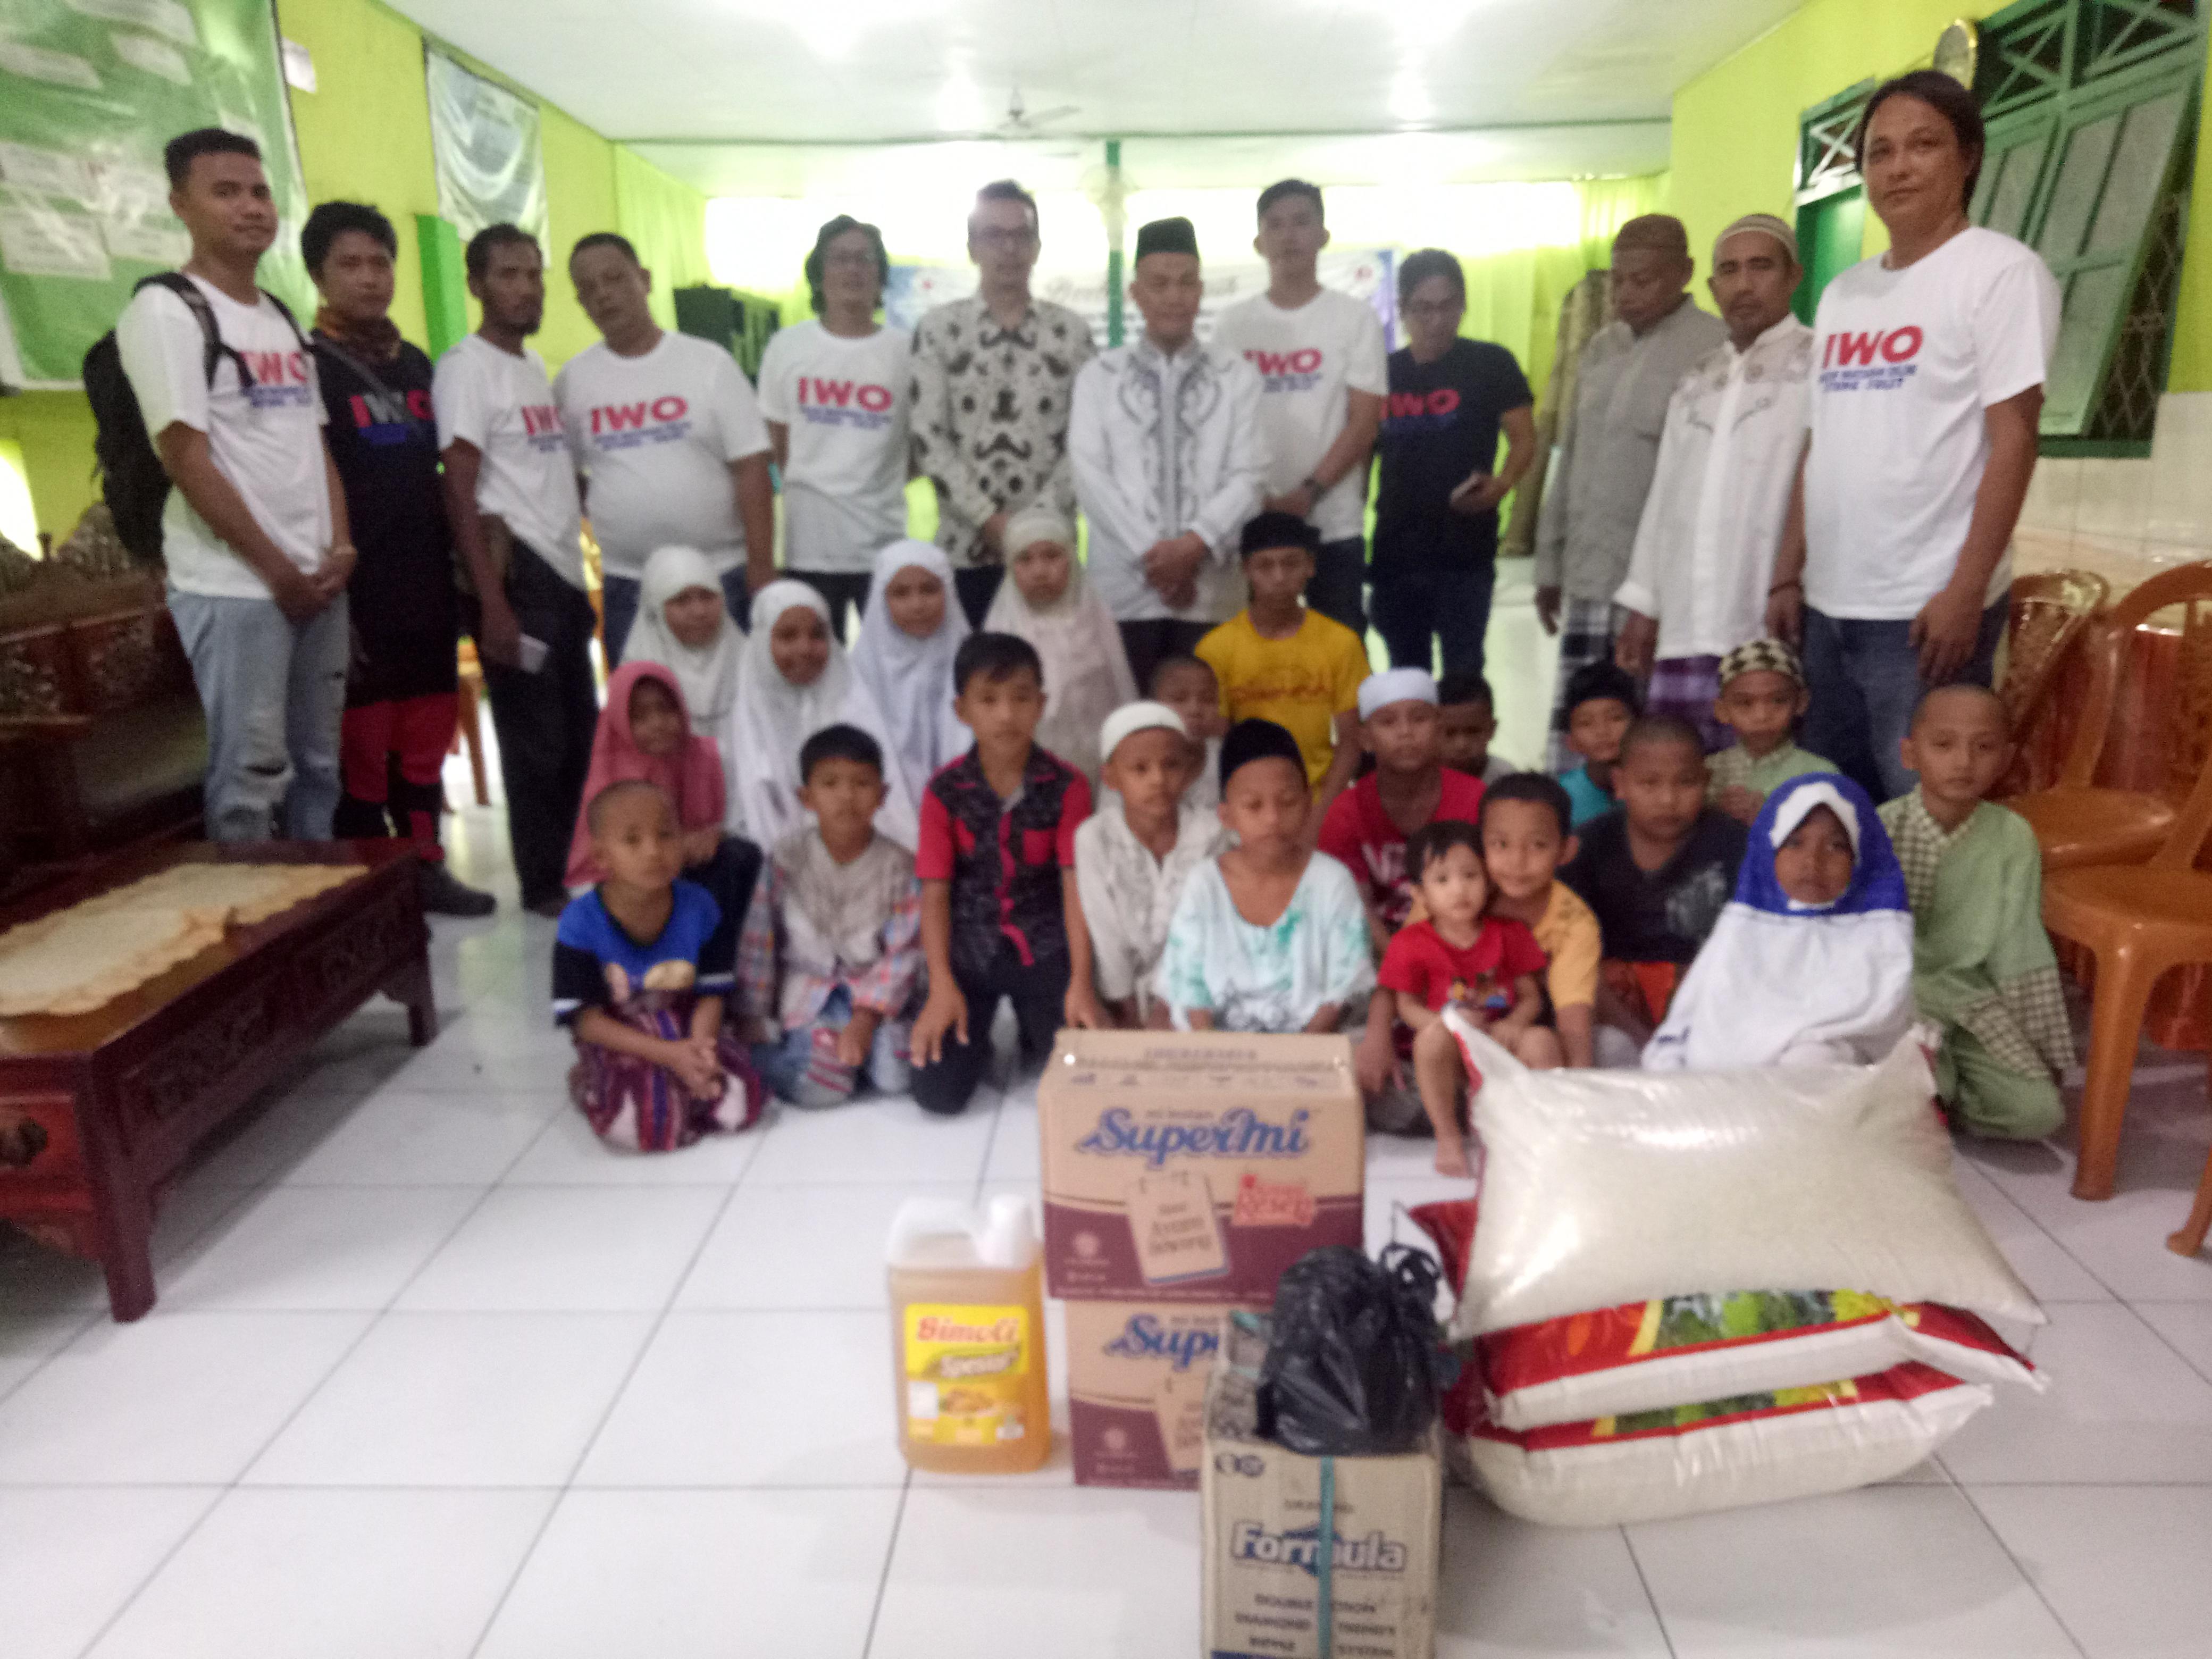 Ketua KPU Bitung Bersama IWO Bitung Berbagi Kasih di Panti Asuhan